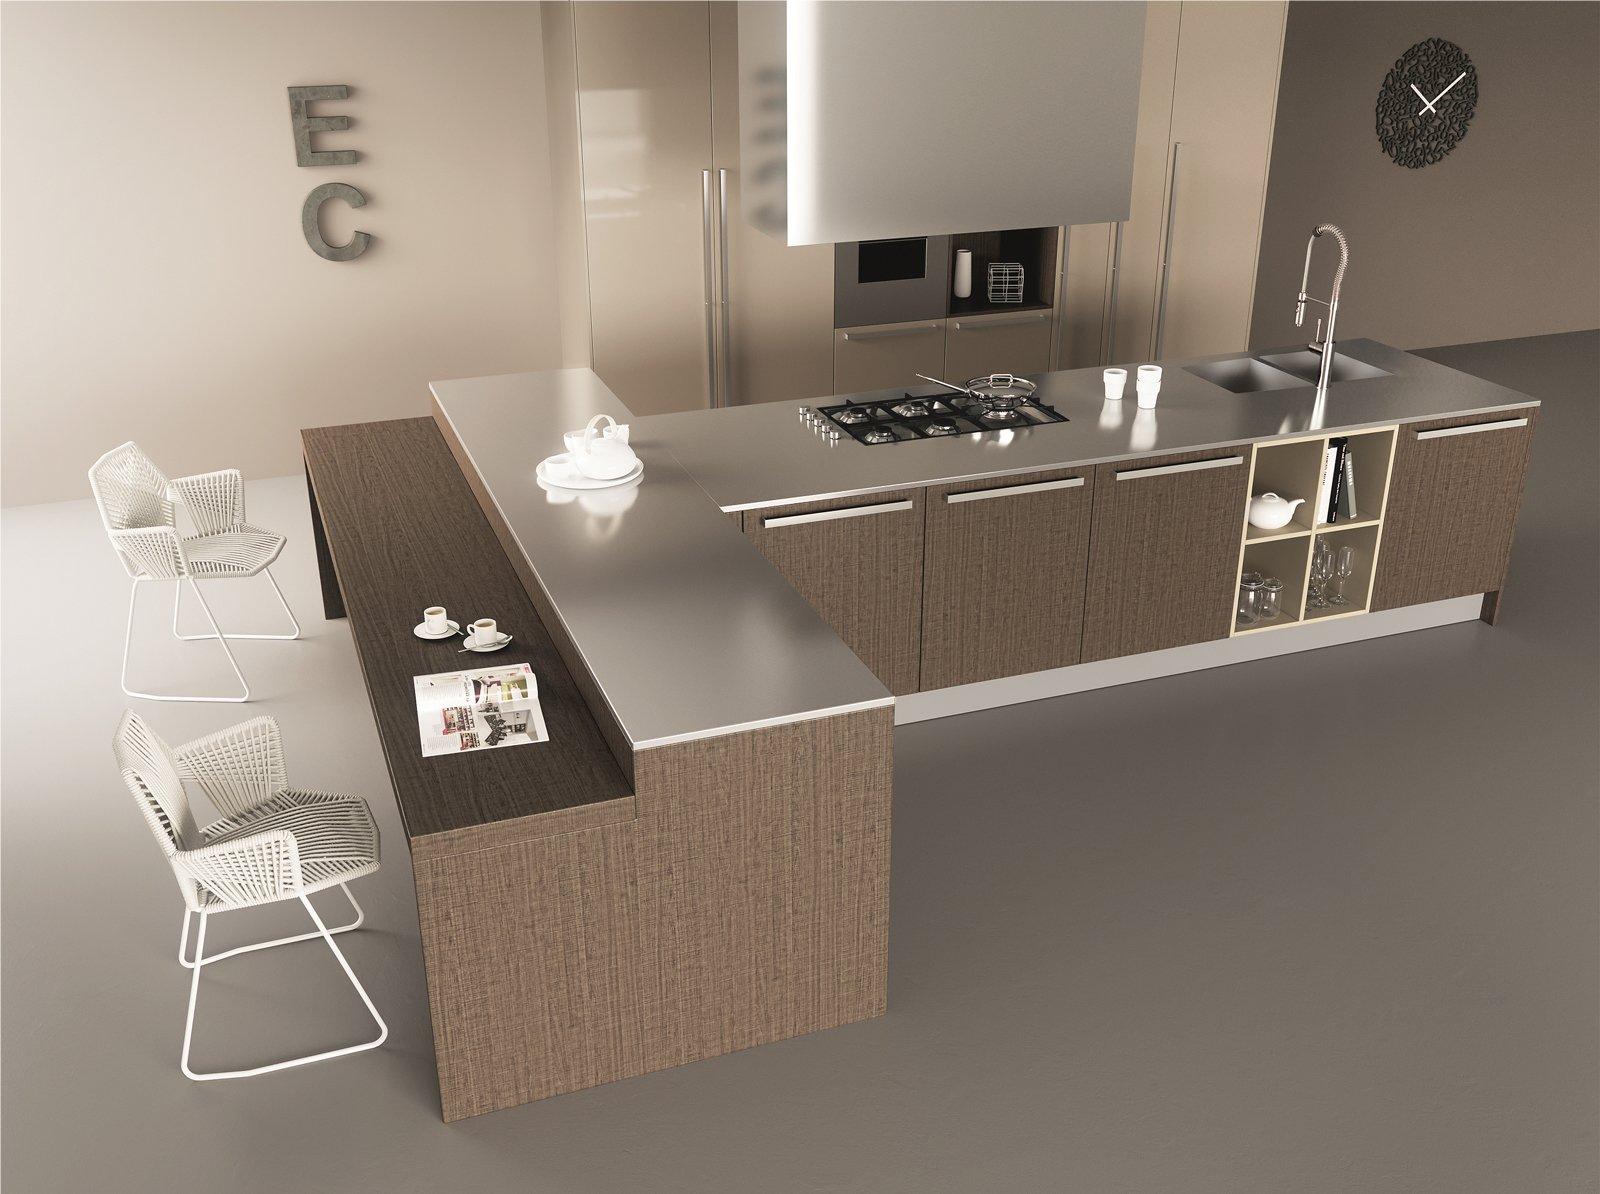 Cucine con grandi piani di lavoro cose di casa - Piani da cucina ...